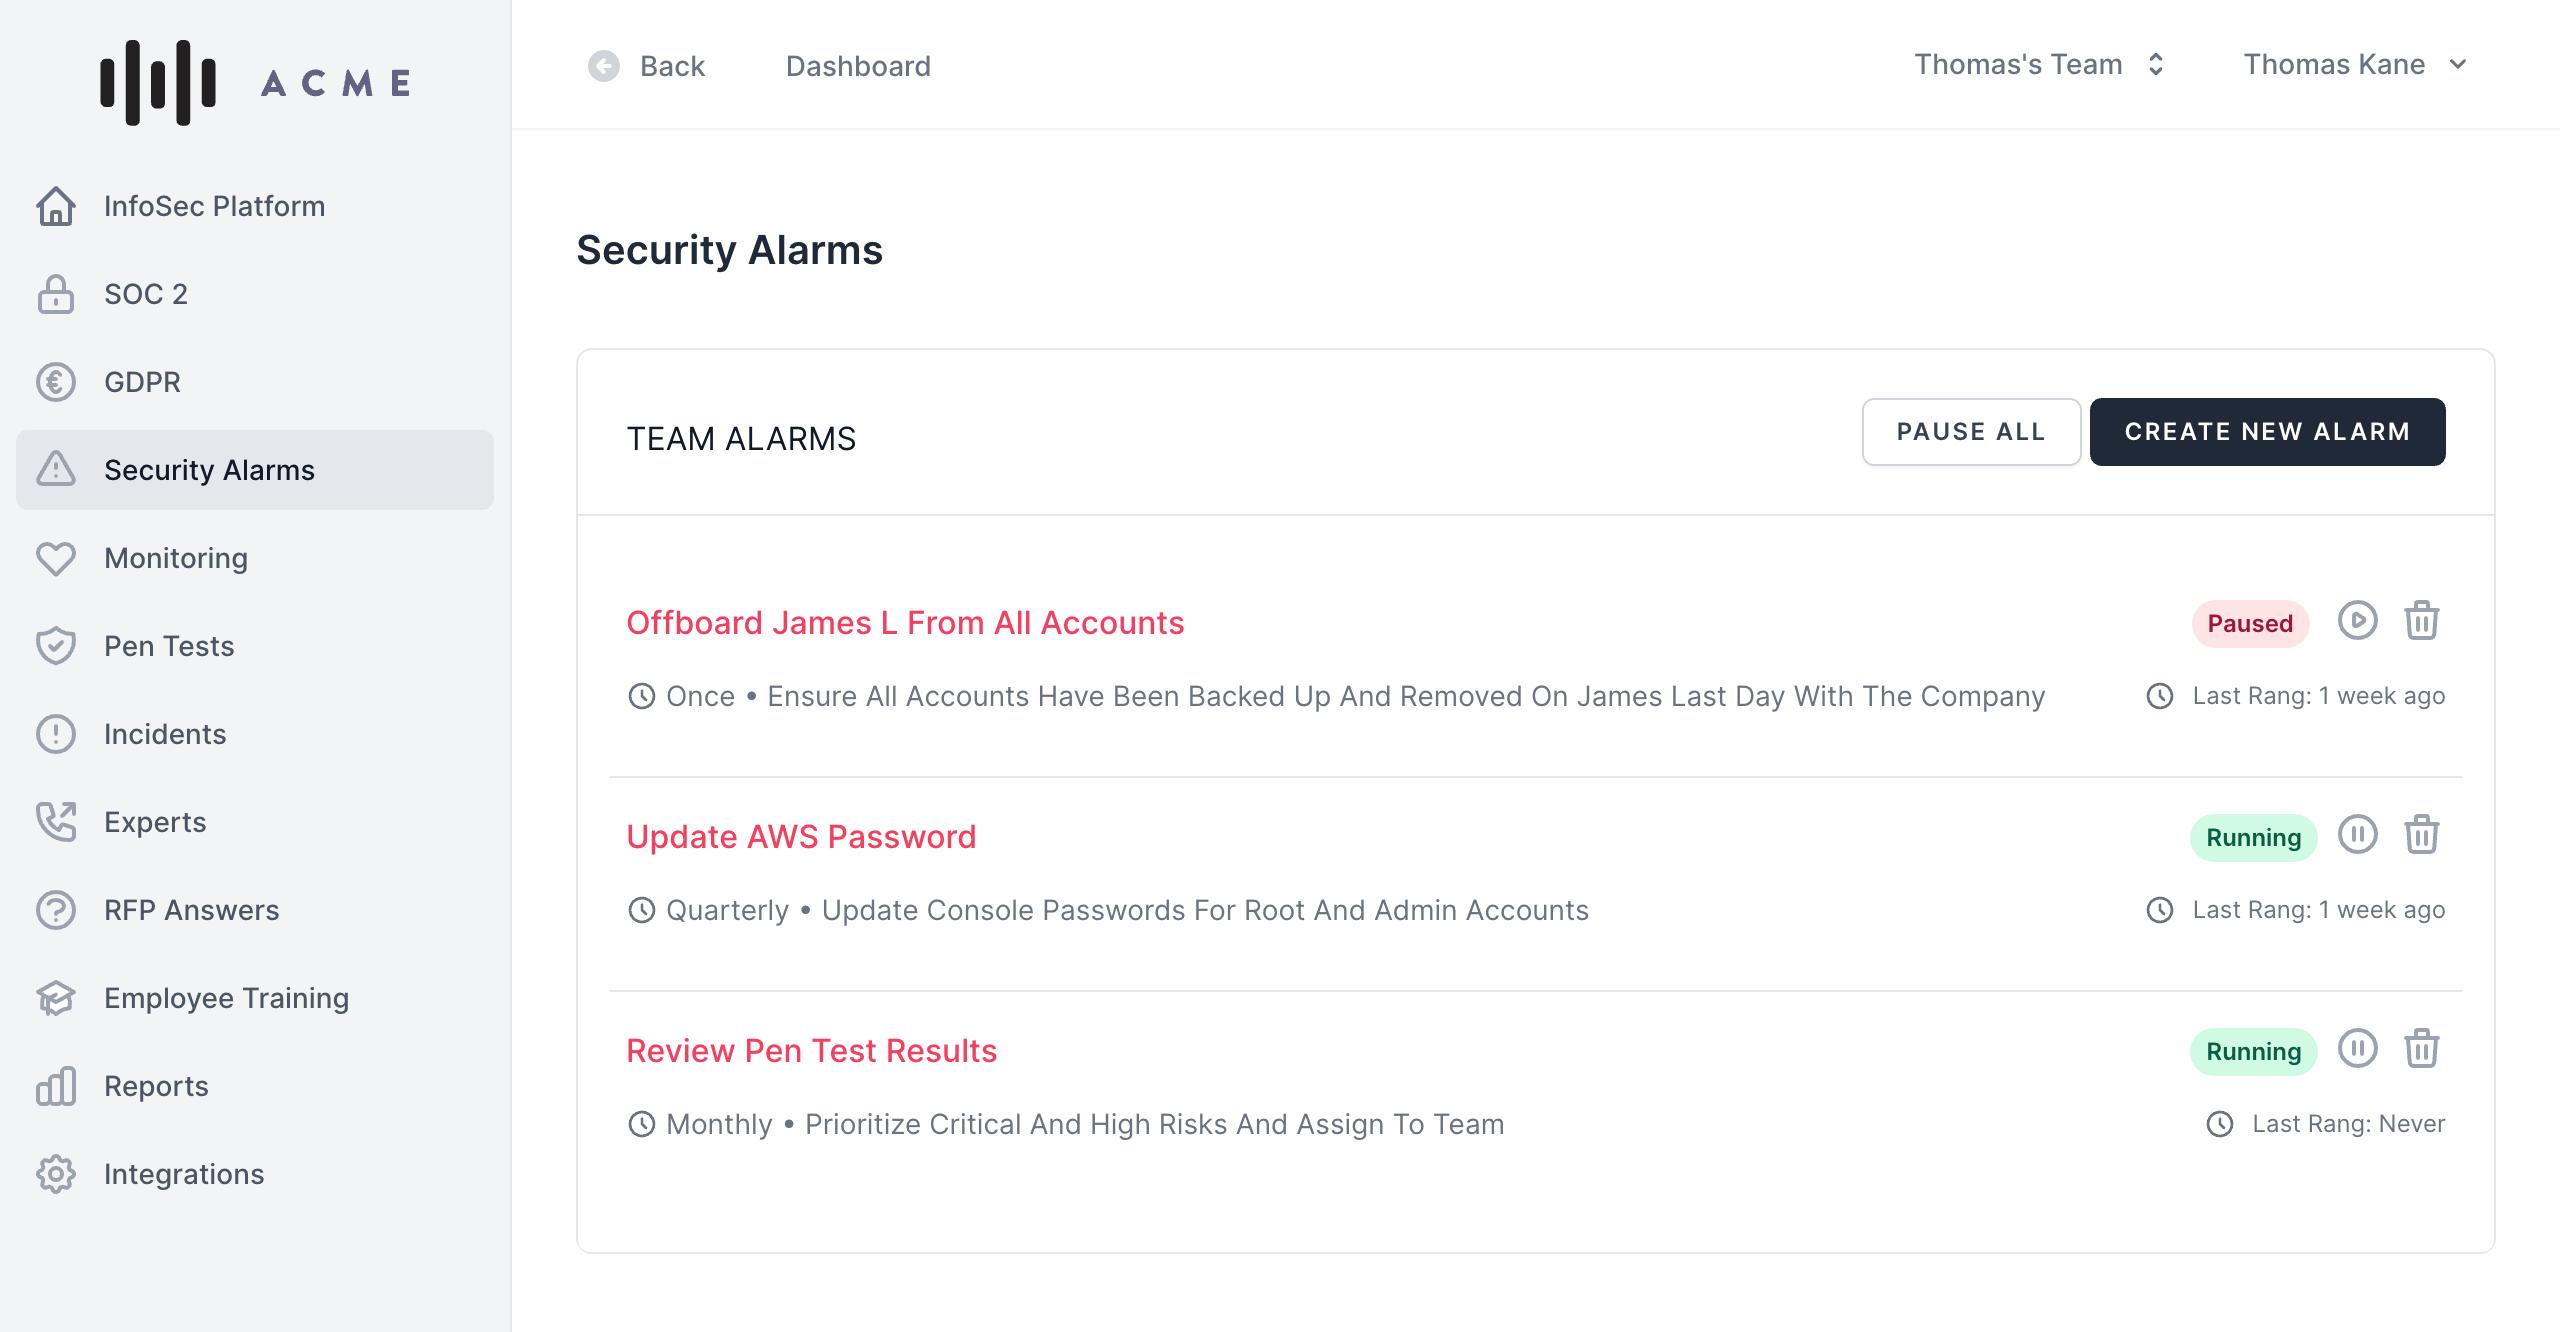 Security Alarms Screenshot